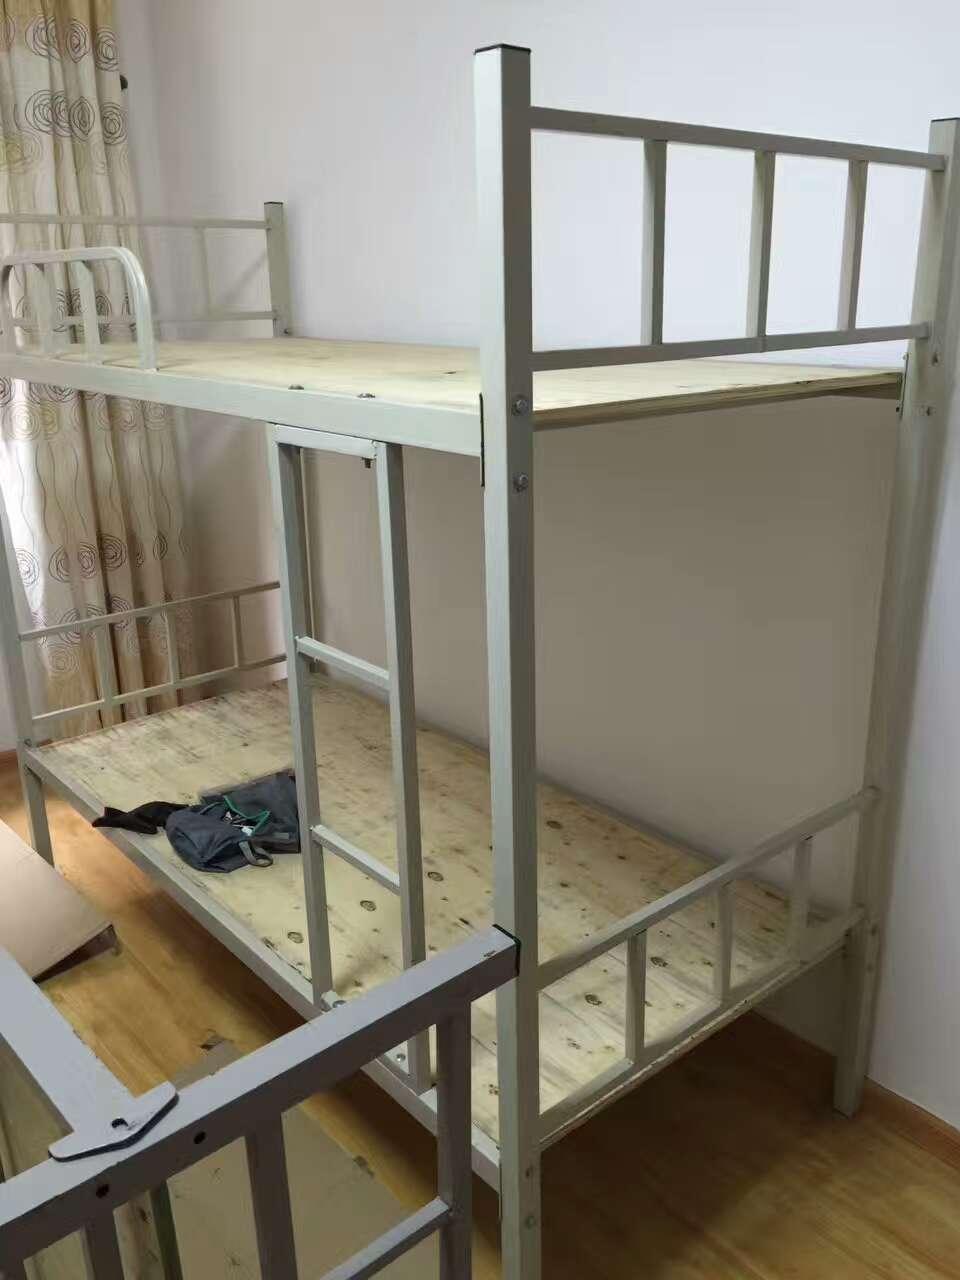 濮阳宿舍铁架床